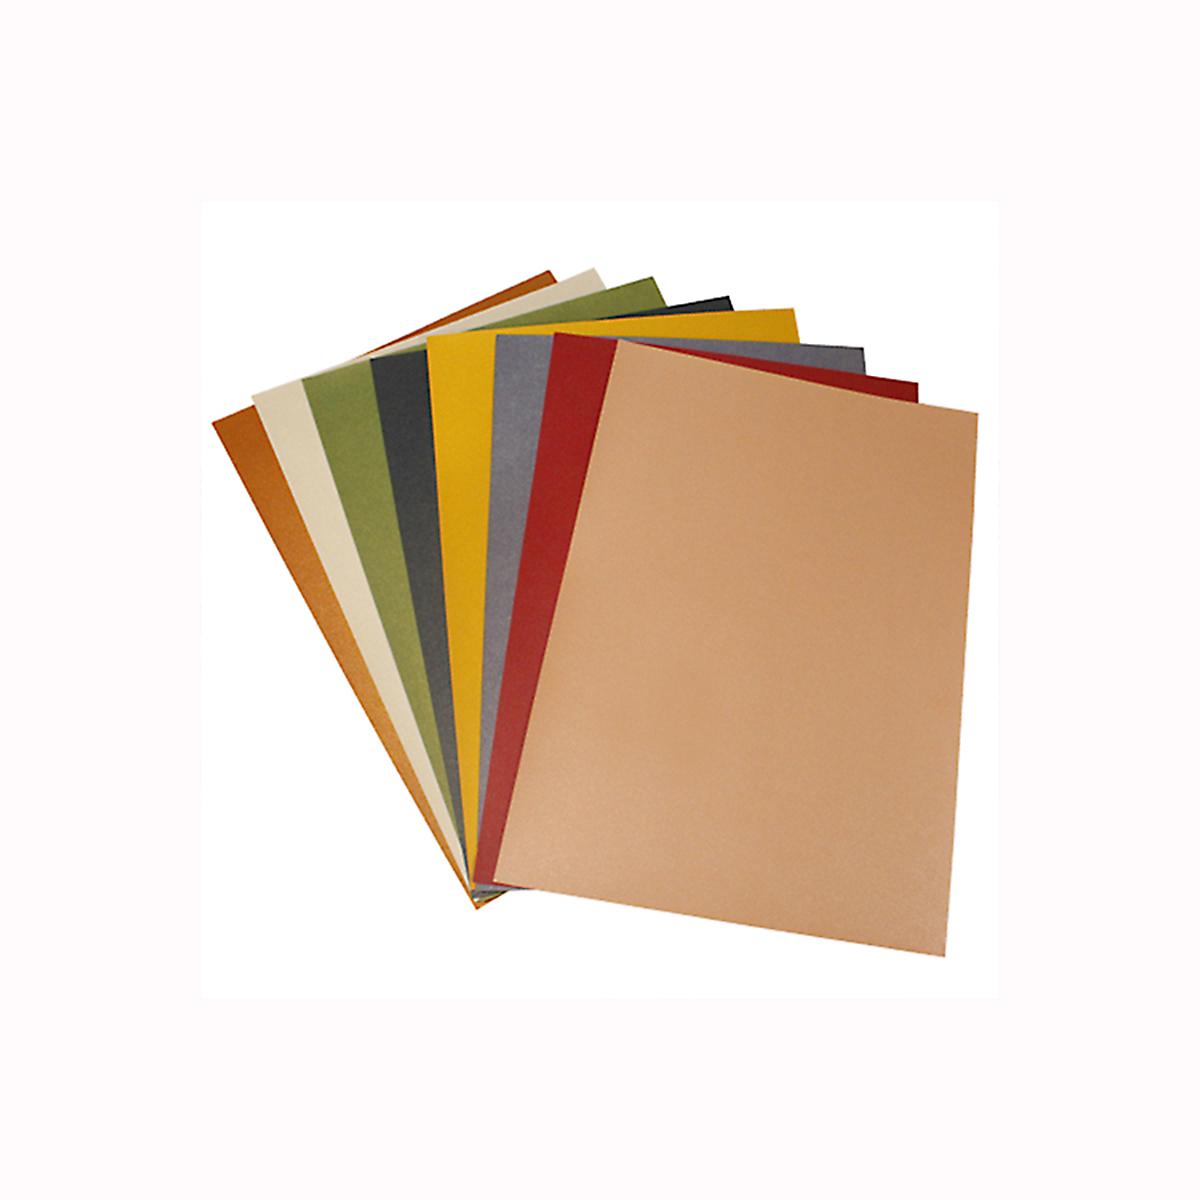 Бумага Бэстекс Перламутровая, 8 листов. 545638545638Бумага Бэстекс Перламутровая идеально подходит для творческих работ и скрапбукинга.Бумага Бэстекс Перламутровая поможет вам сохранить все важные моменты жизни на собственных изделиях из фотографий, газетных вырезок, рисунков и других памятных мелочей. Эту бумагу можно использовать как фон или для создания декоративных элементов.В наборе 8 листов формата А4.